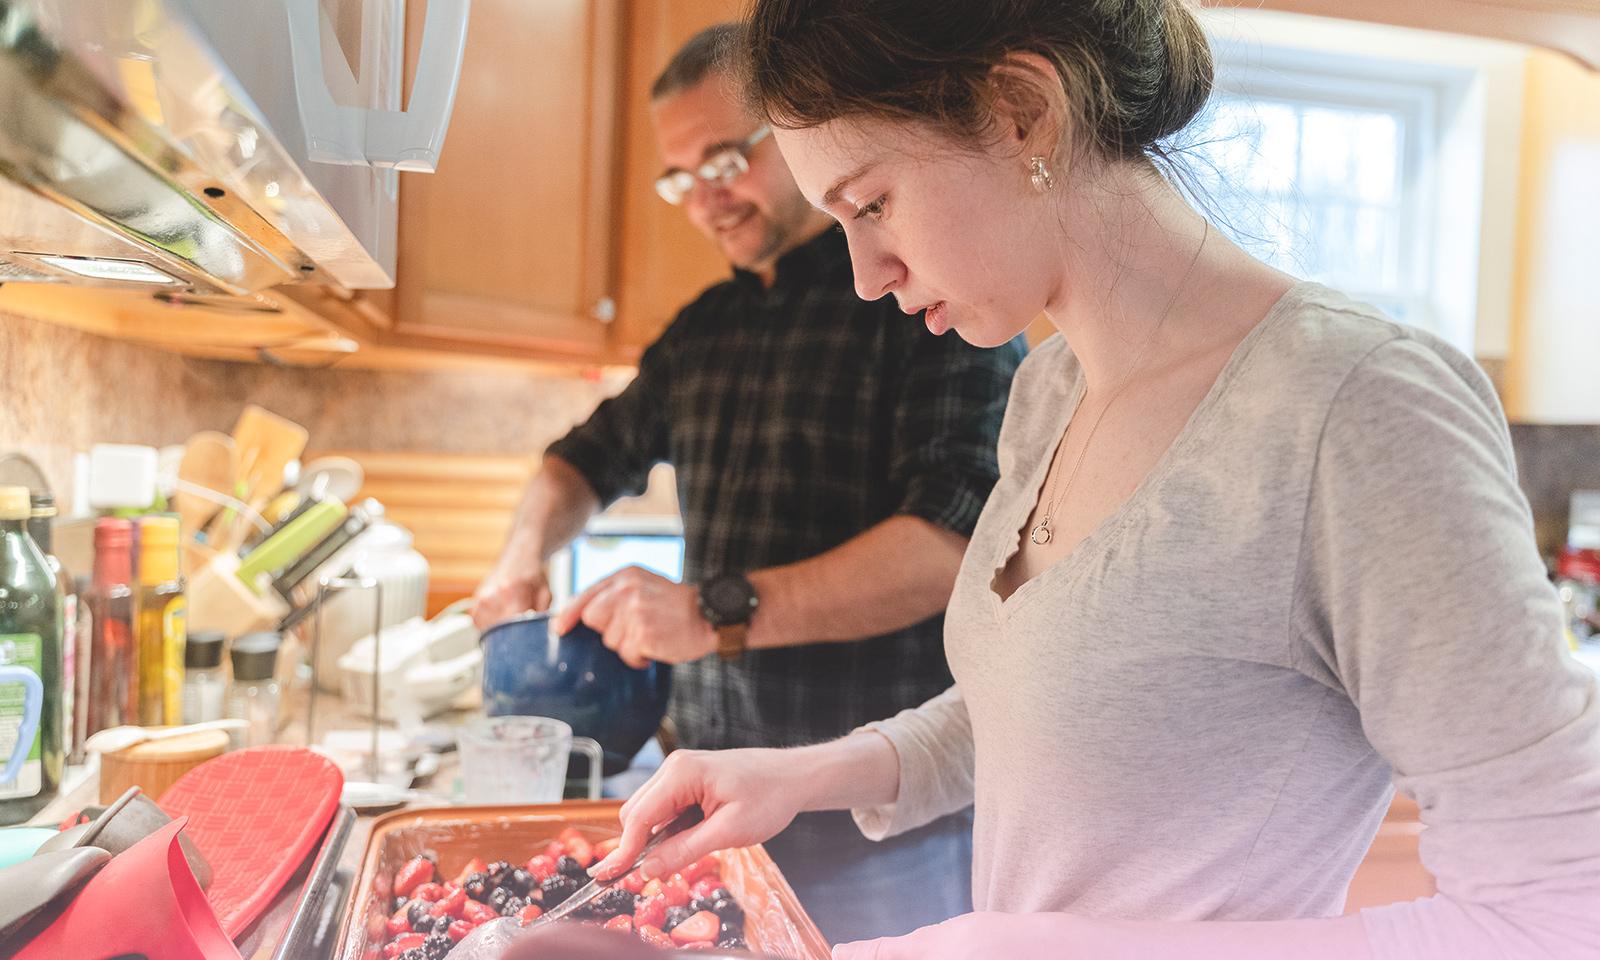 Moins de temps d'écran = plus de temps pour… cuisiner en famille!